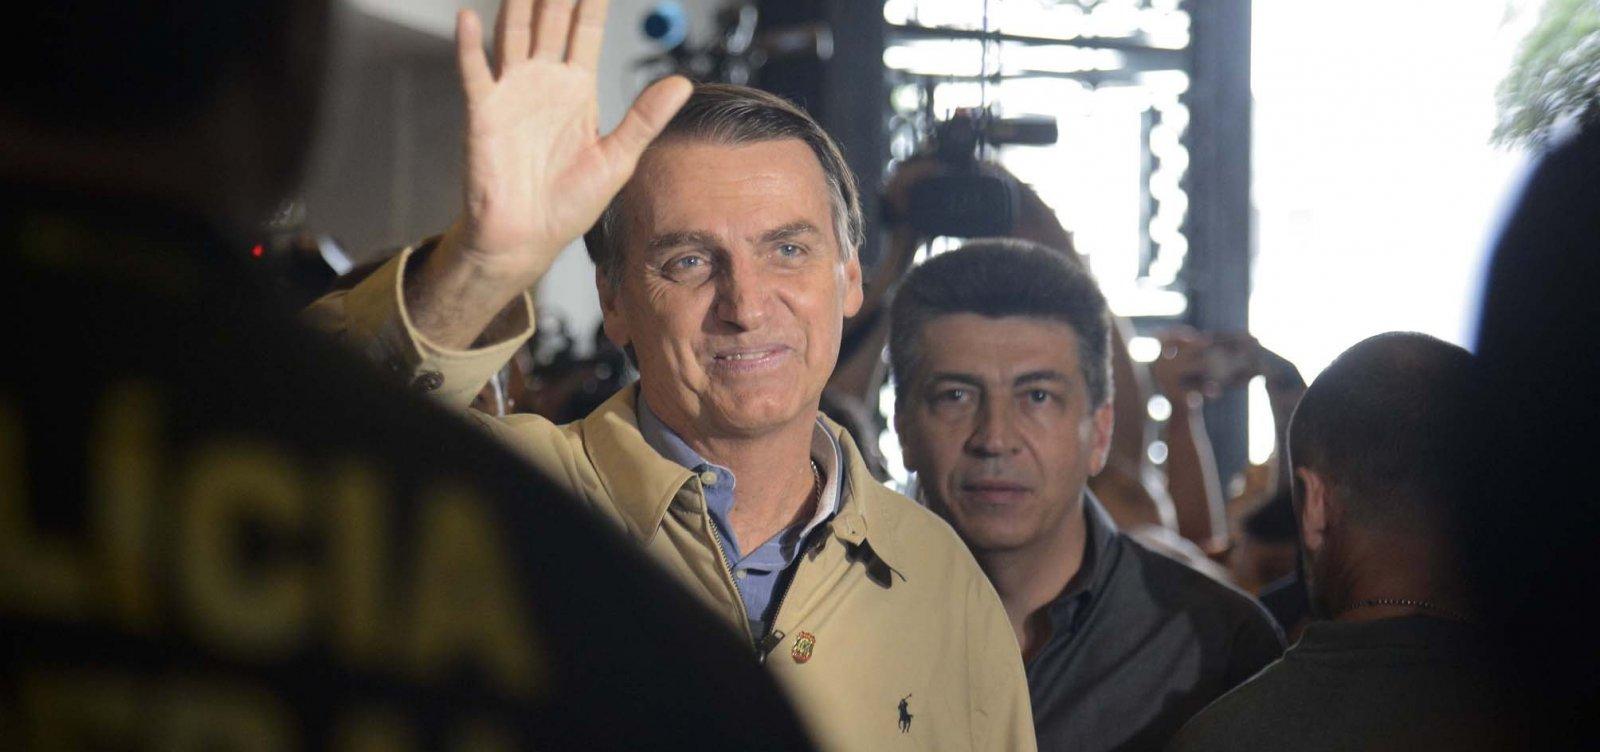 Com segurança reforçada, Bolsonaro vota no Rio de Janeiro